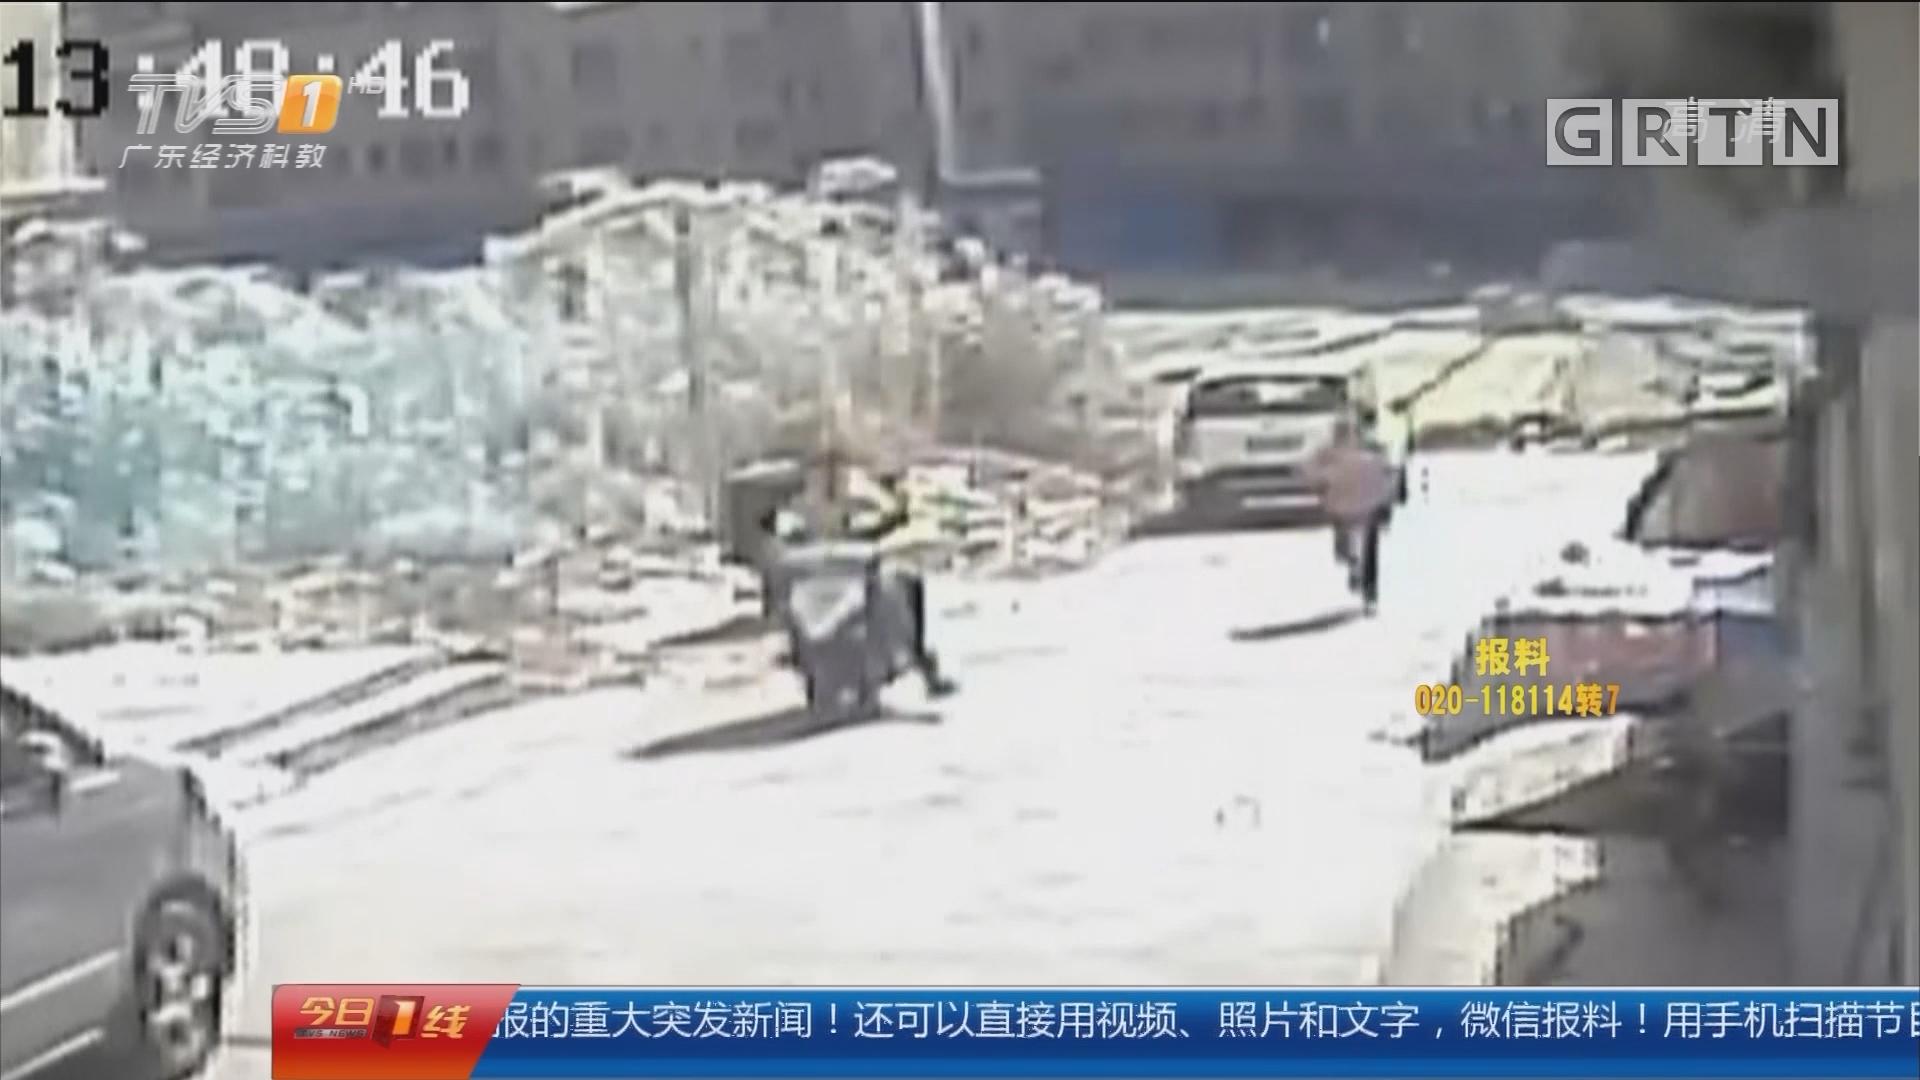 东莞清溪:劫匪一小时连抢两起 民警设伏抓捕